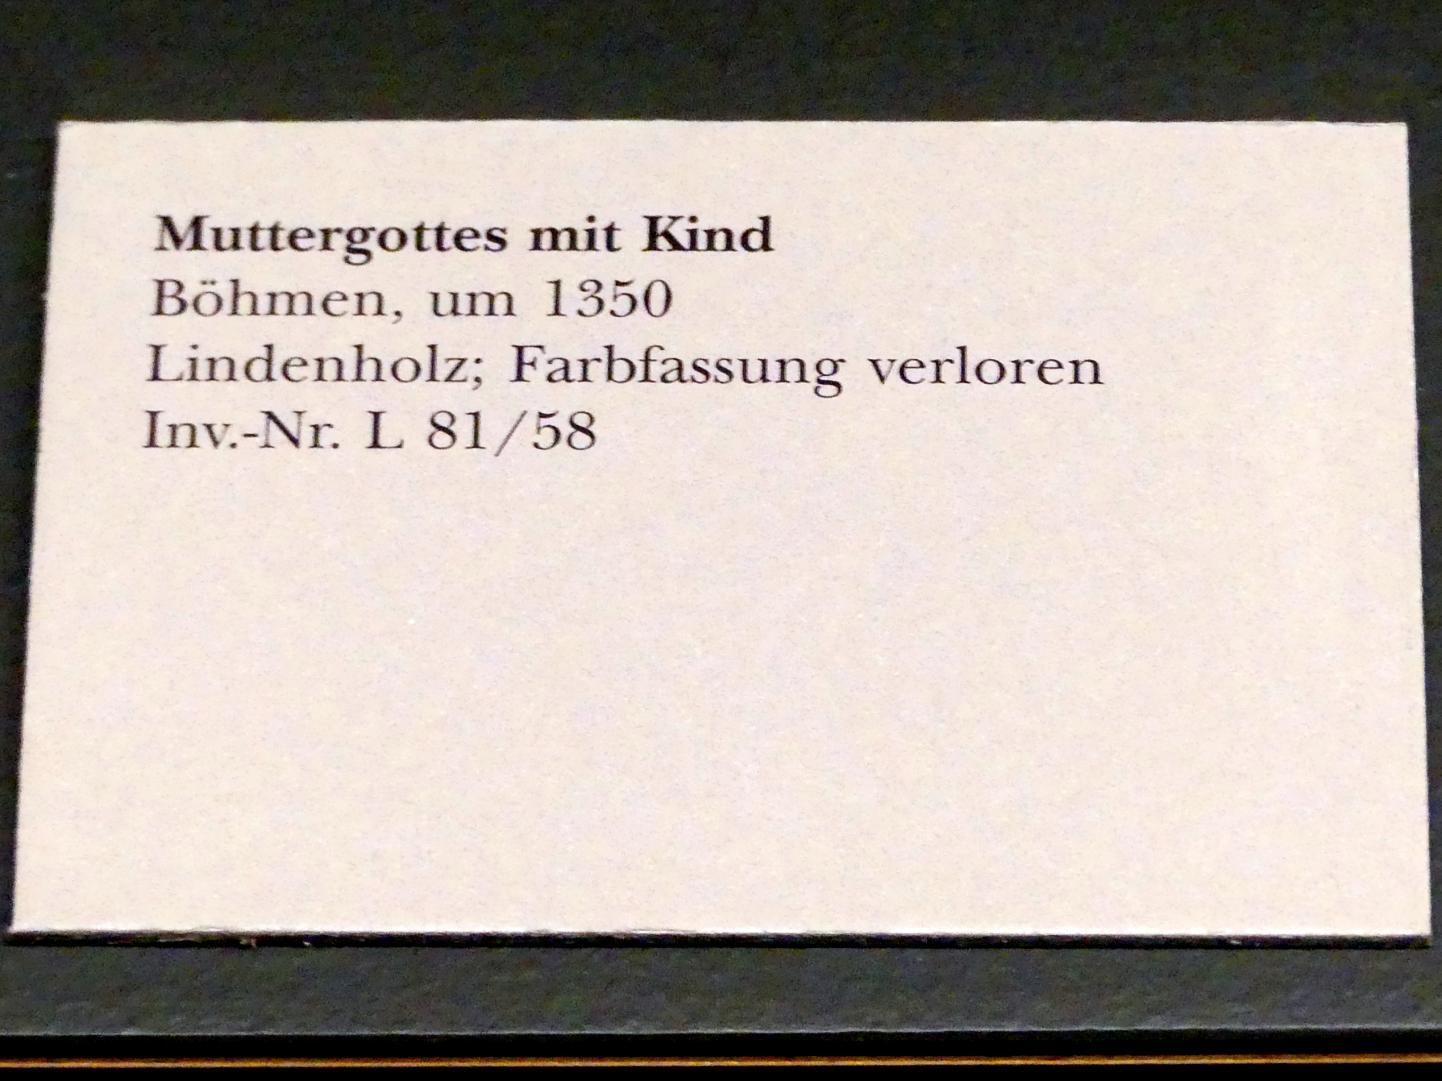 Muttergottes mit Kind, um 1350, Bild 3/3